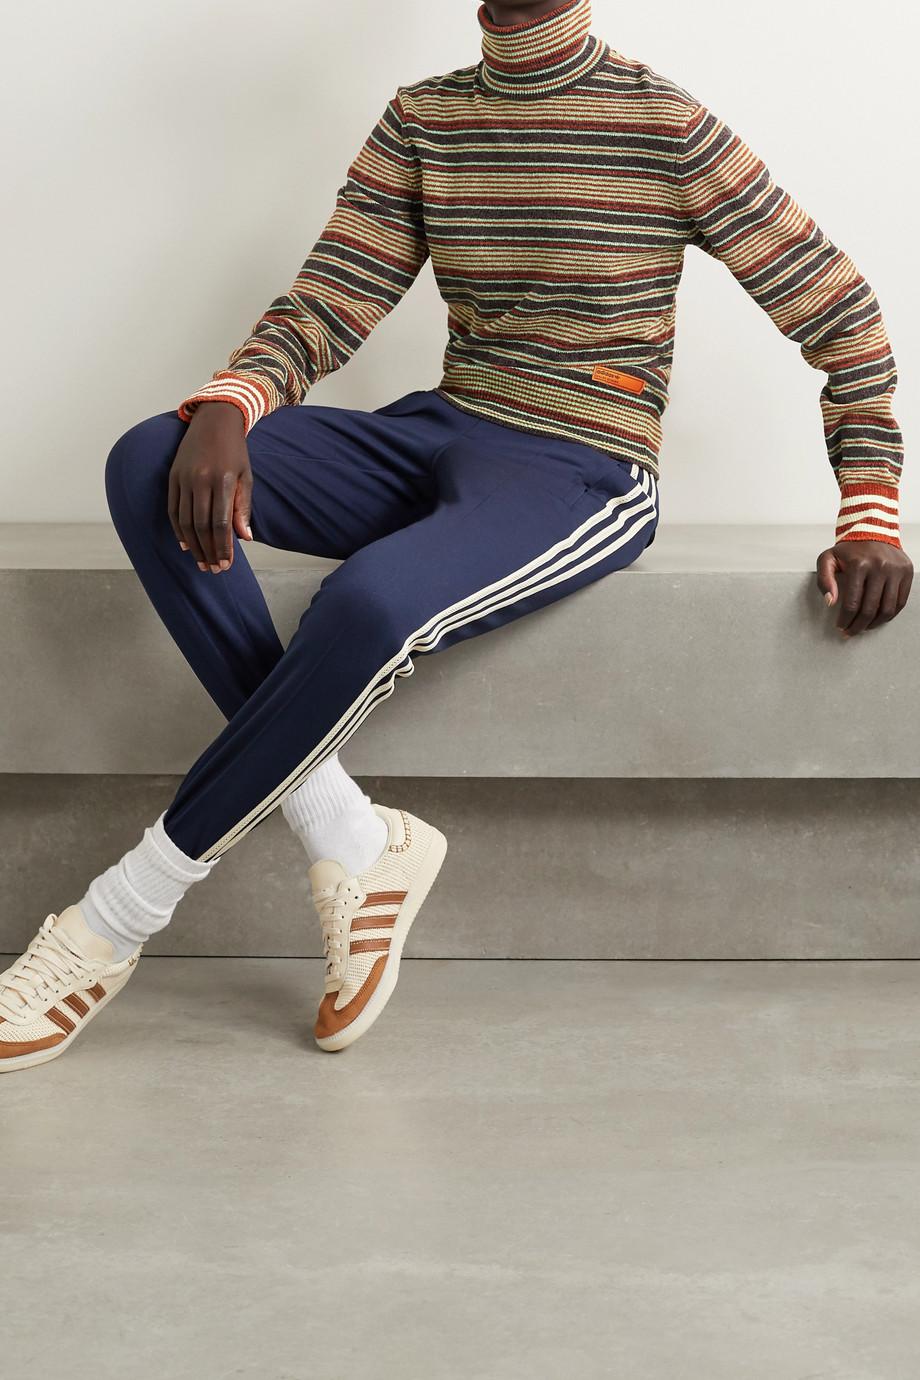 adidas Originals x Wales Bonner 条纹雪尼尔面料高领毛衣